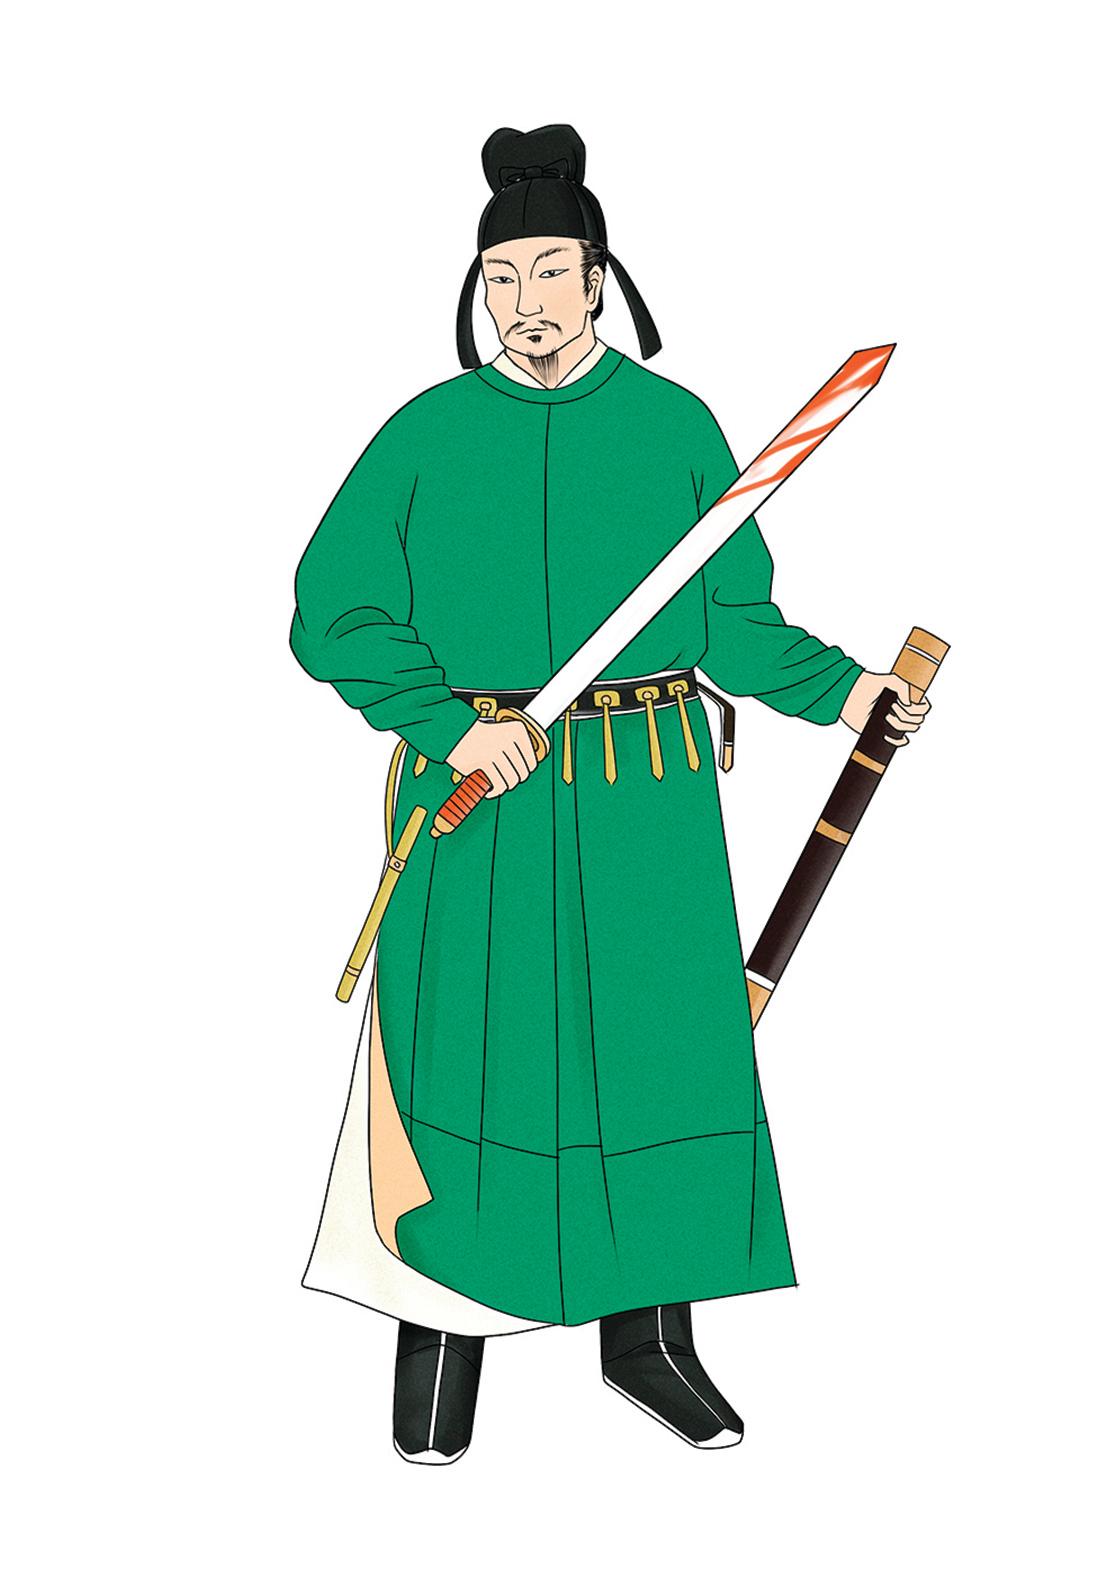 宇文化及,隋末武將,割據勢力之一。弒隋煬帝自立,後為竇建德所殺。